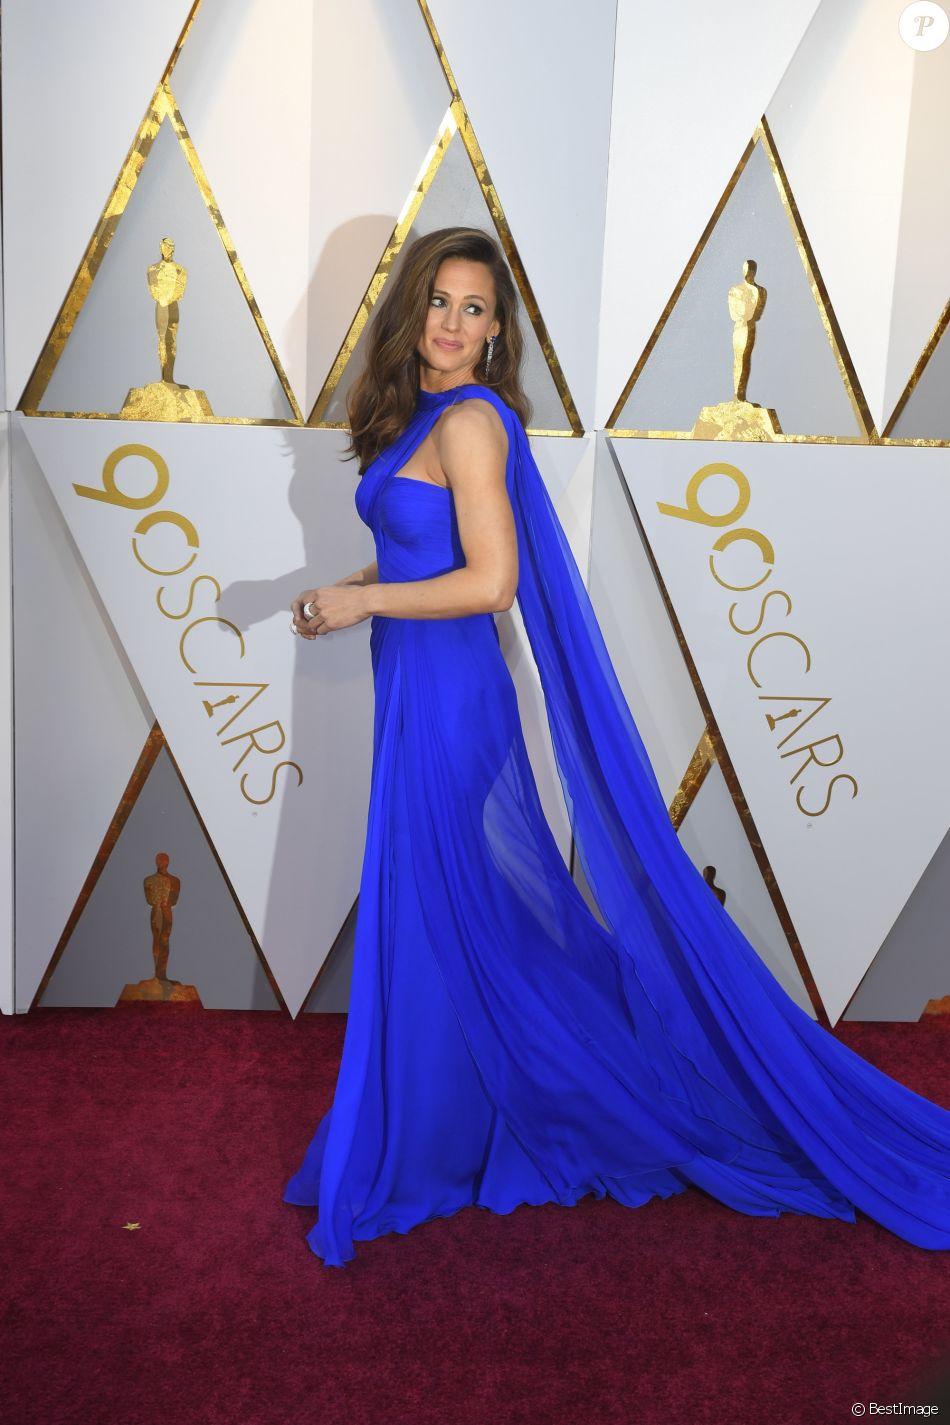 Jennifer Garner, dans une robe Atelier Versace - 90ème cérémonie des Oscars 2018 au théâtre Dolby à Los Angeles, le 4 mars 2018. © Kevin Sullivan via ZUMA Press/Bestimage